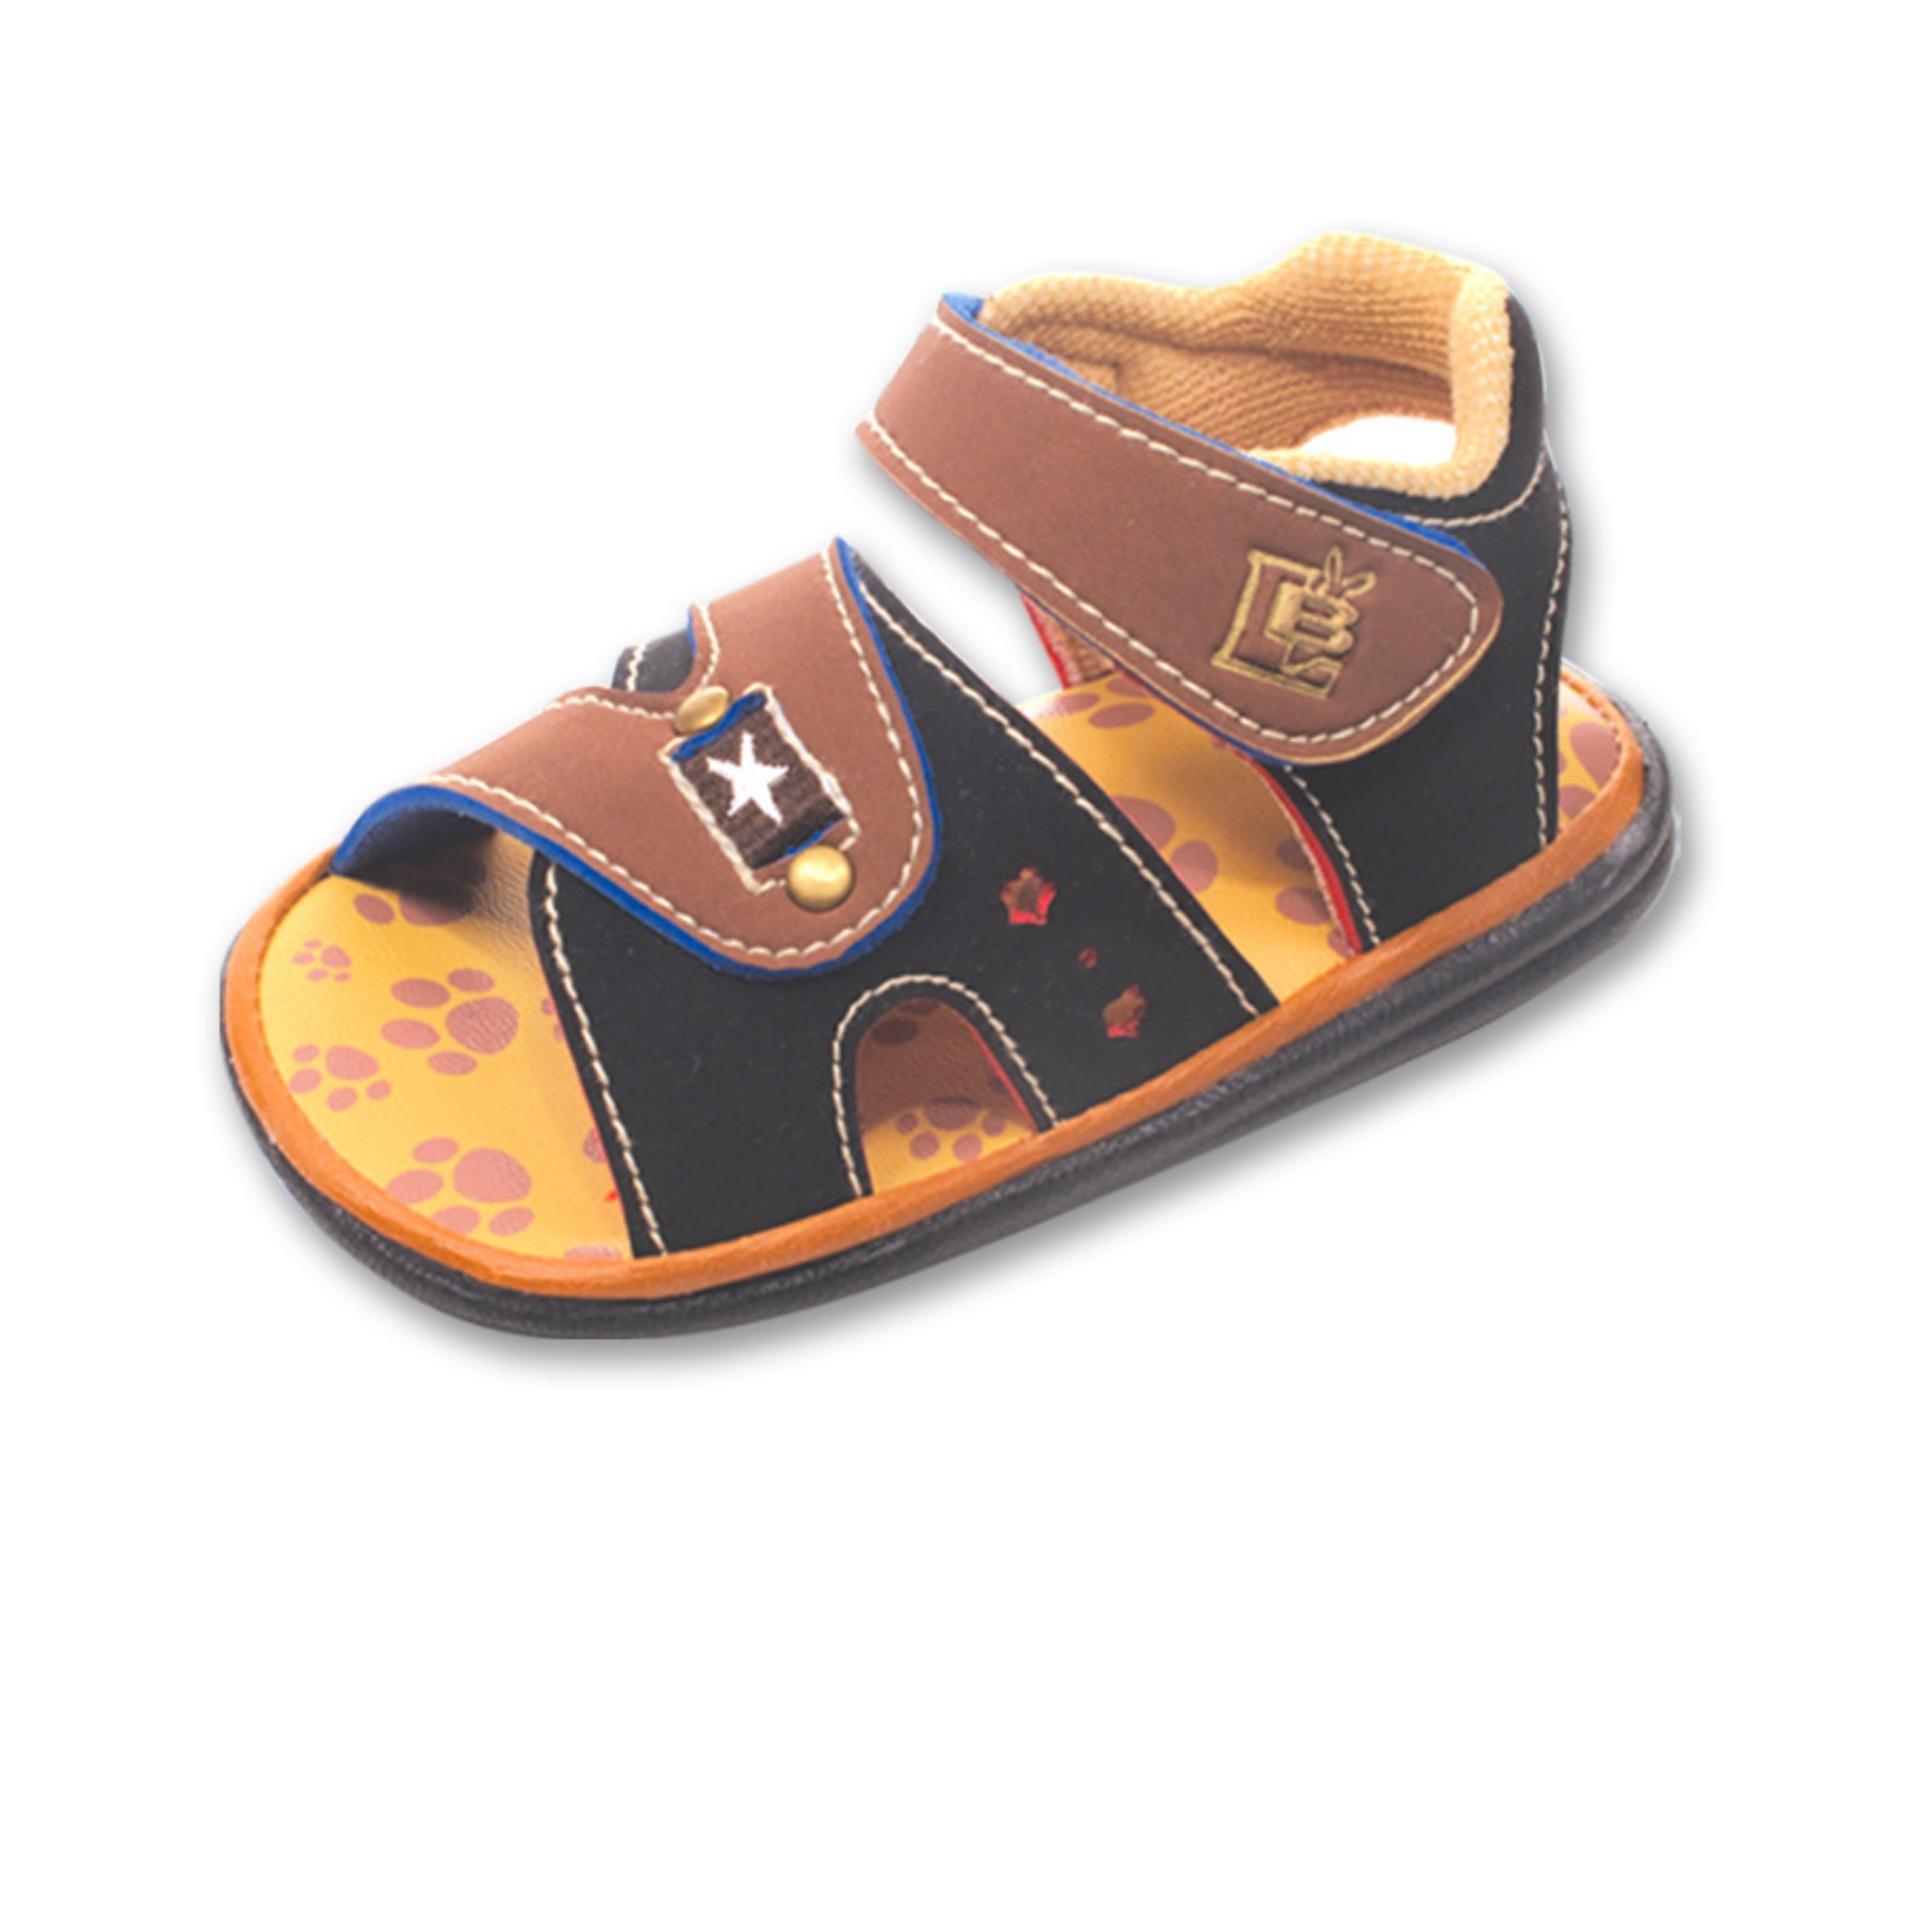 Fitur Sepatu Sandal Bayi Perempuan Ps 9720 Dan Harga Terbaru Lustybunny Baby Shoes Prewalker 8373 2 Hitam Lusty Bunny Bunyi 9594